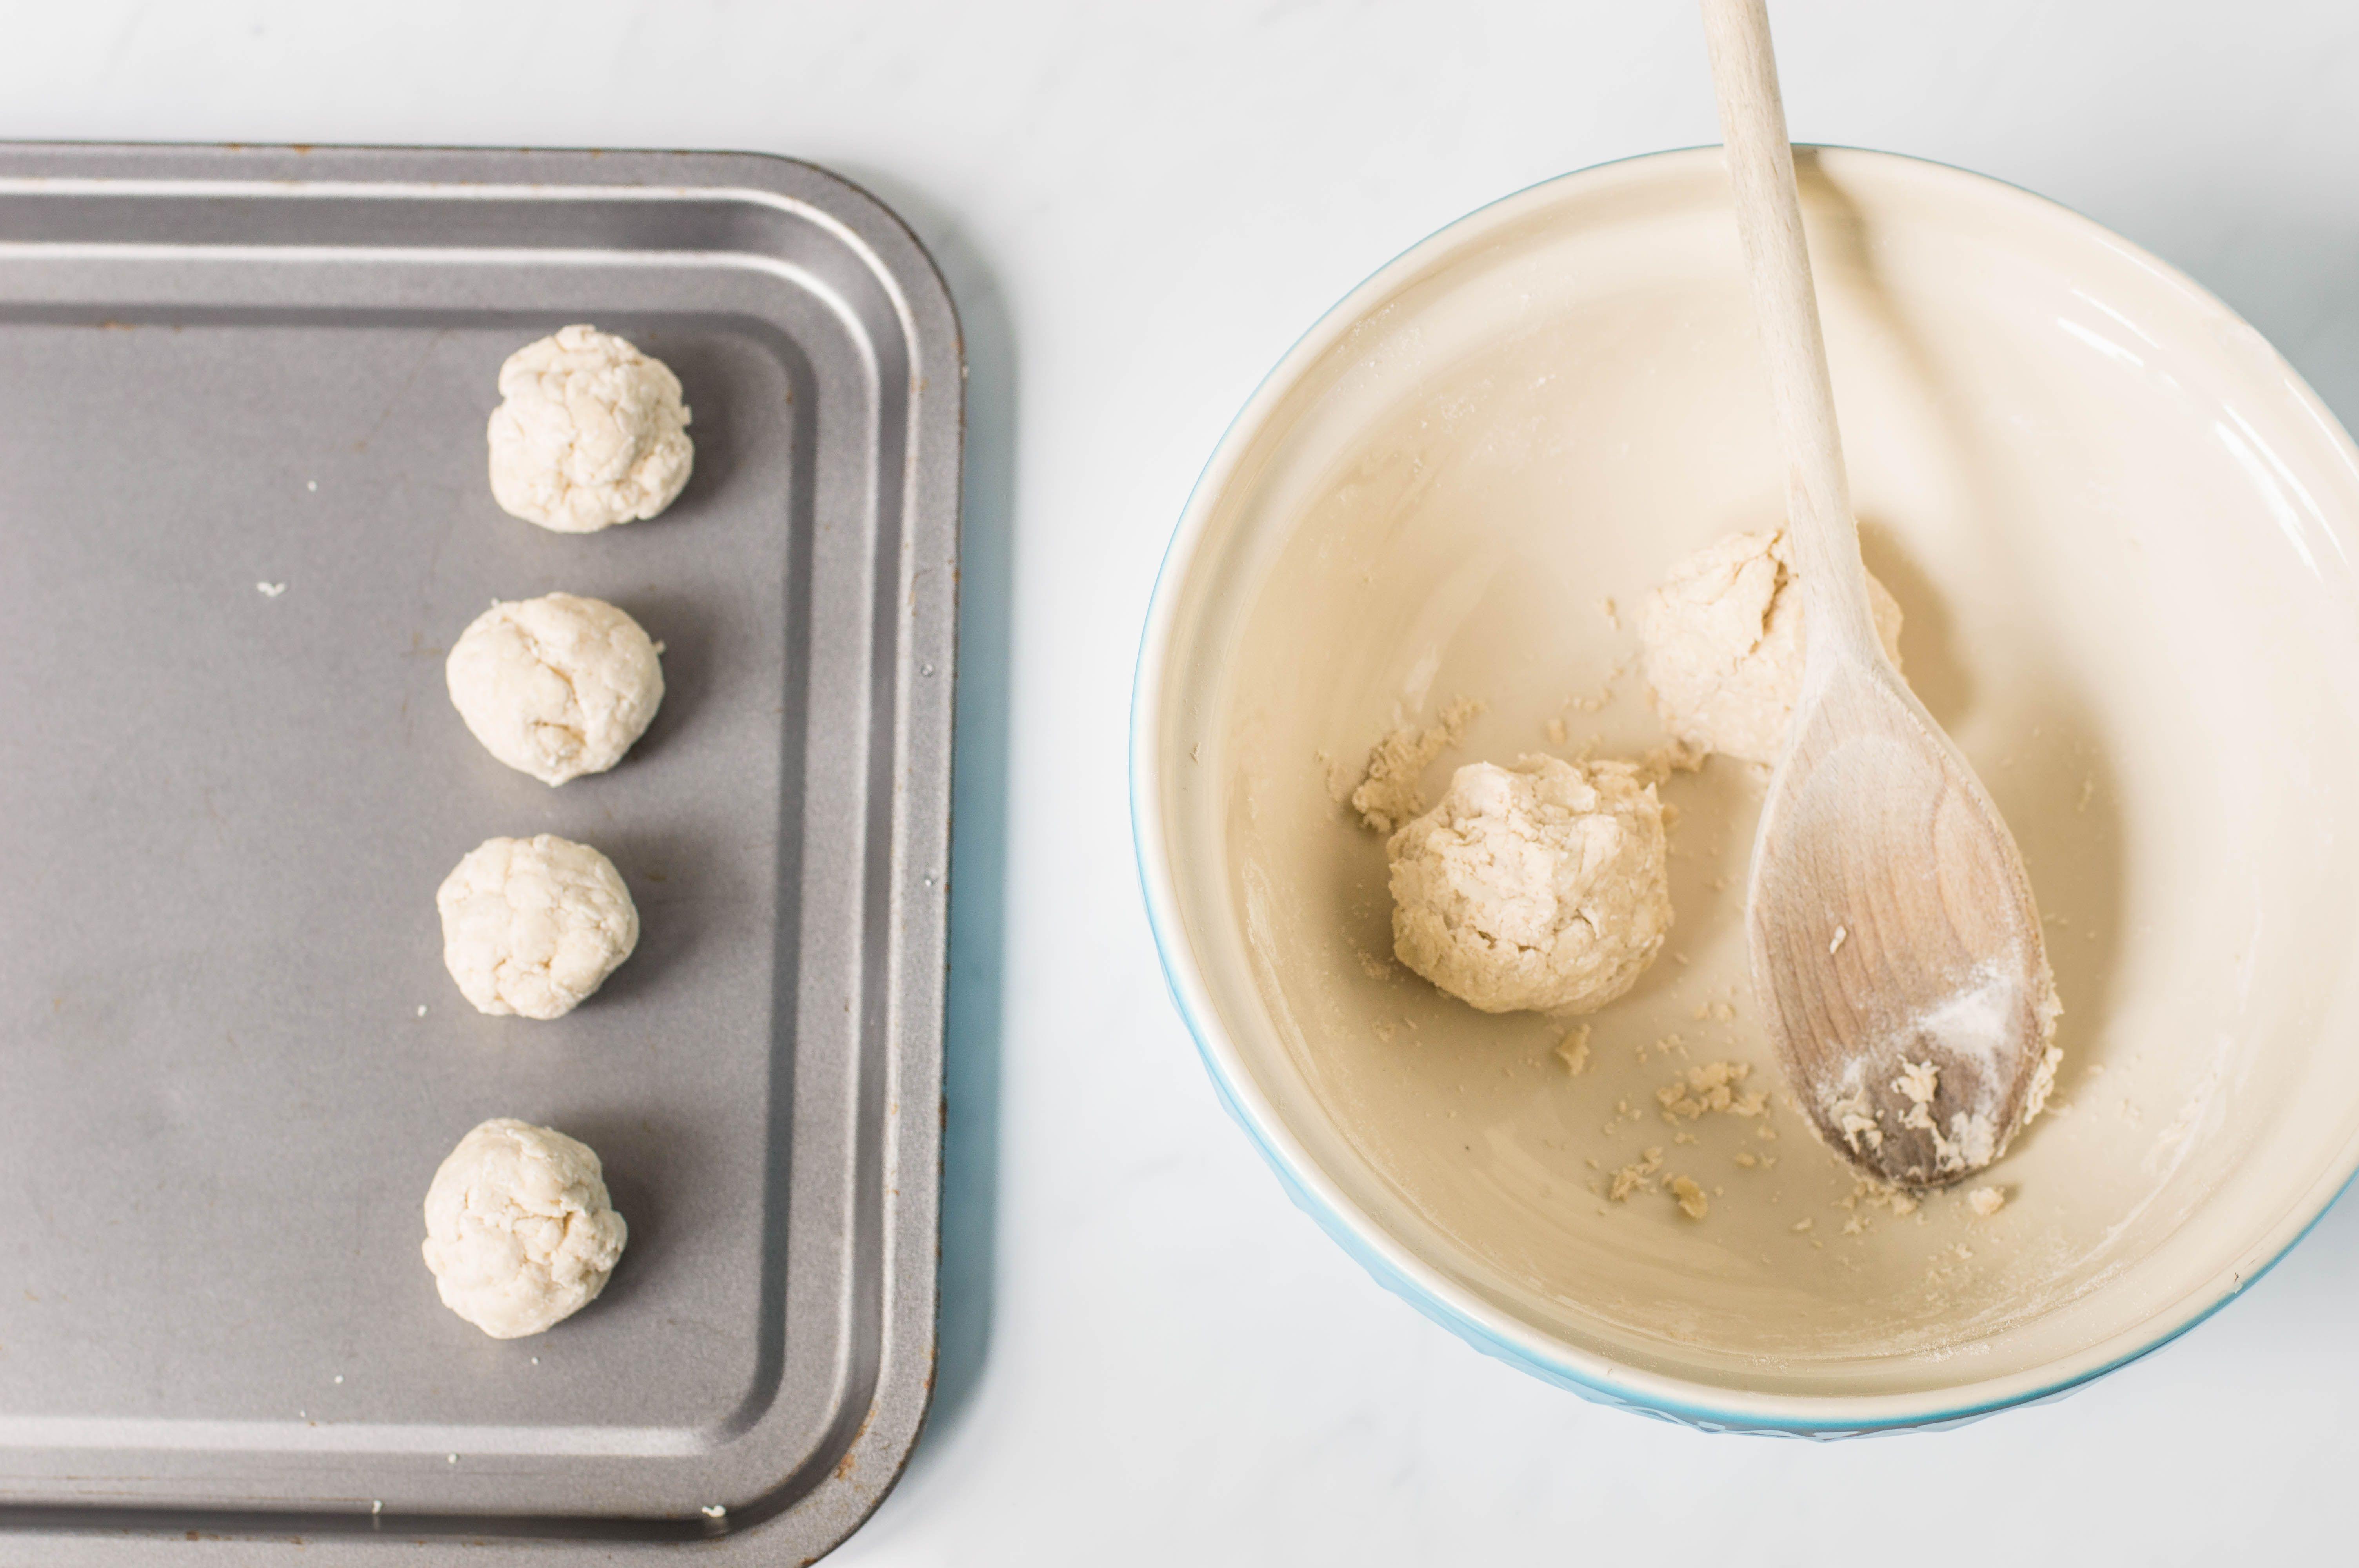 Making suet dumplings